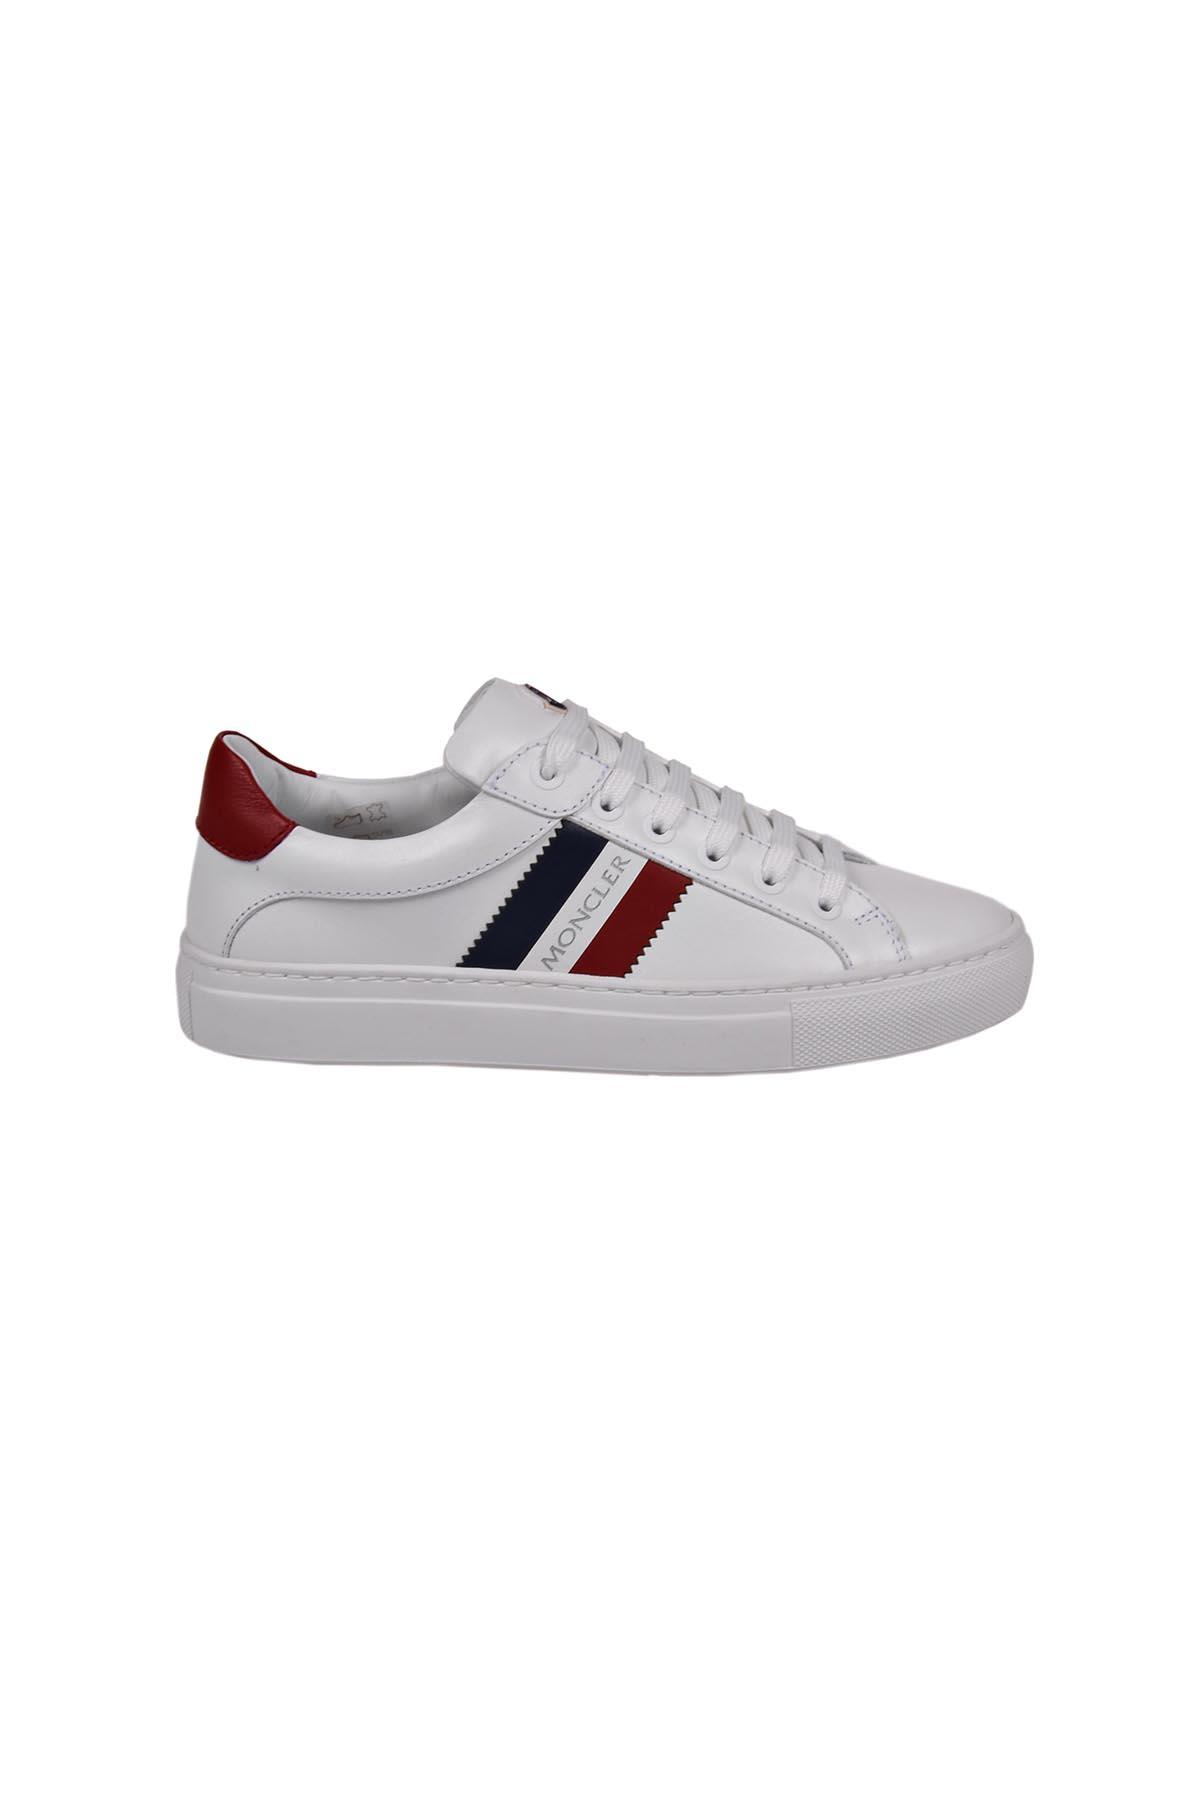 Moncler New Leni Shoes